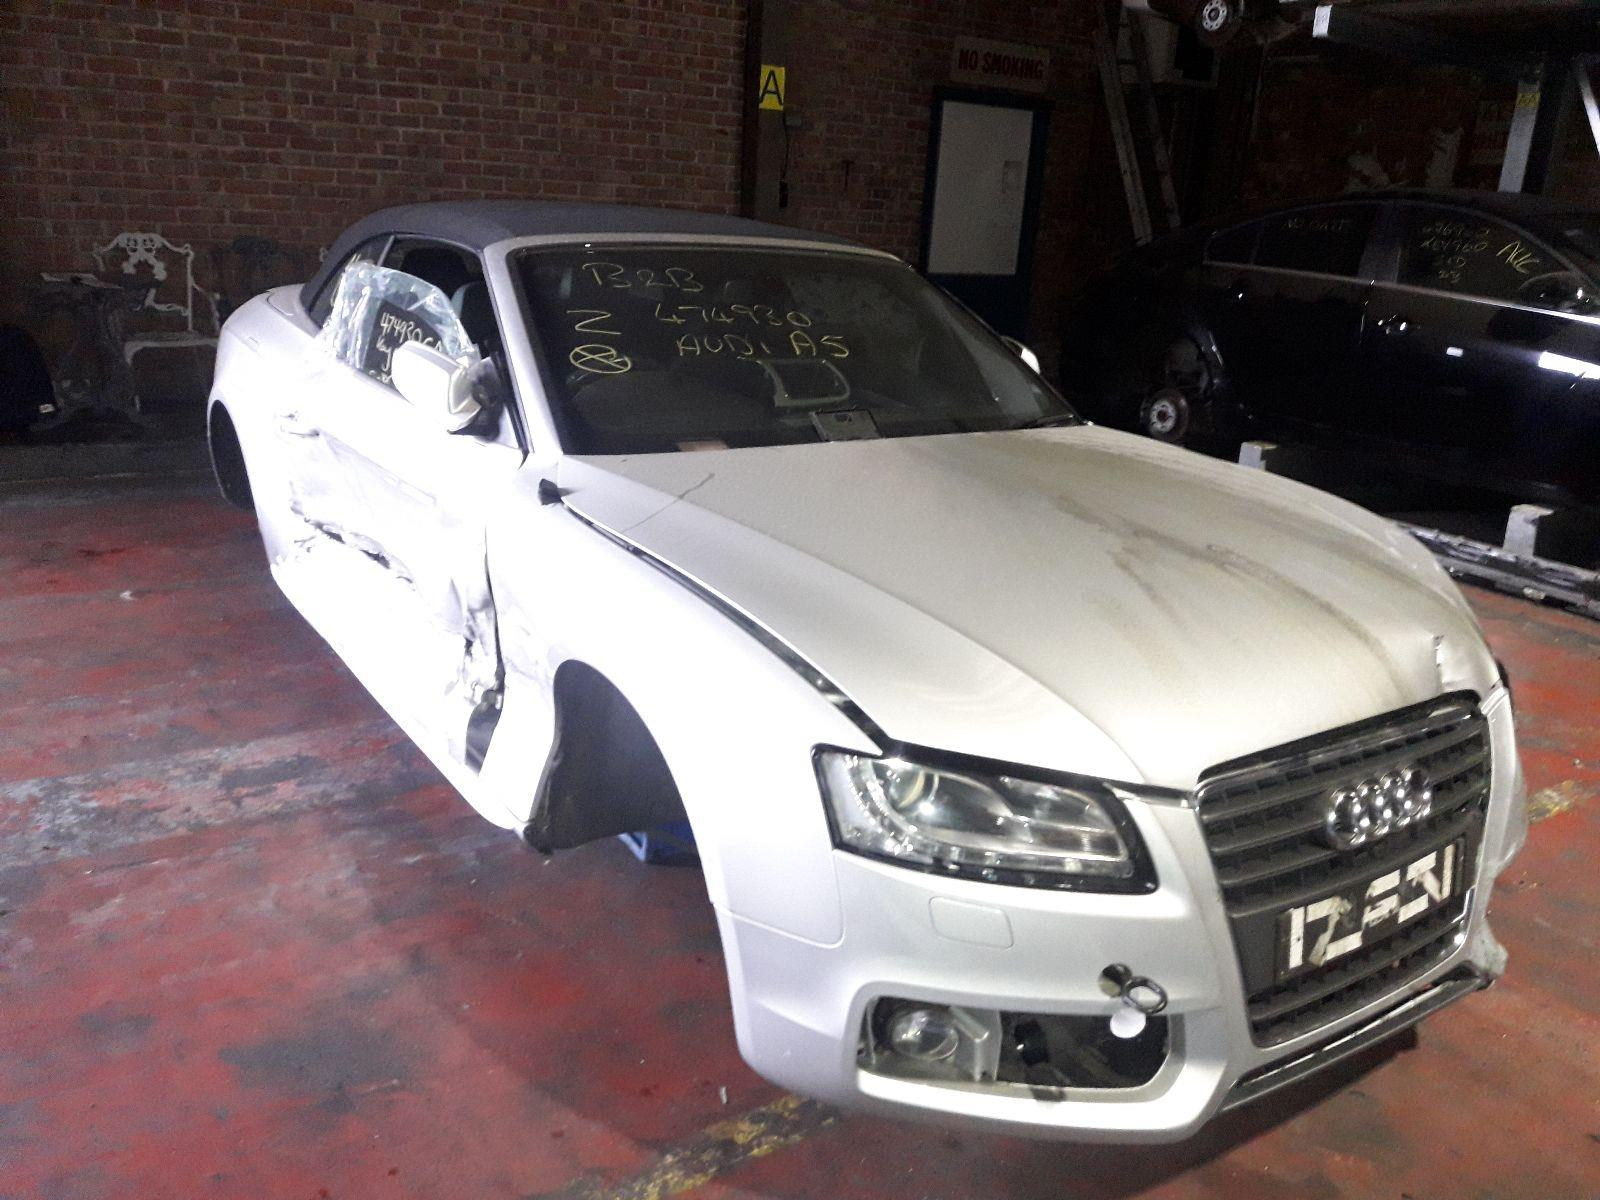 2010 Audi A5 Parts Diagram Electrical Wiring Diagrams 2007 To 2011 S Line Tfsi 2 Door Cabriolet Petrol Kia Sportage